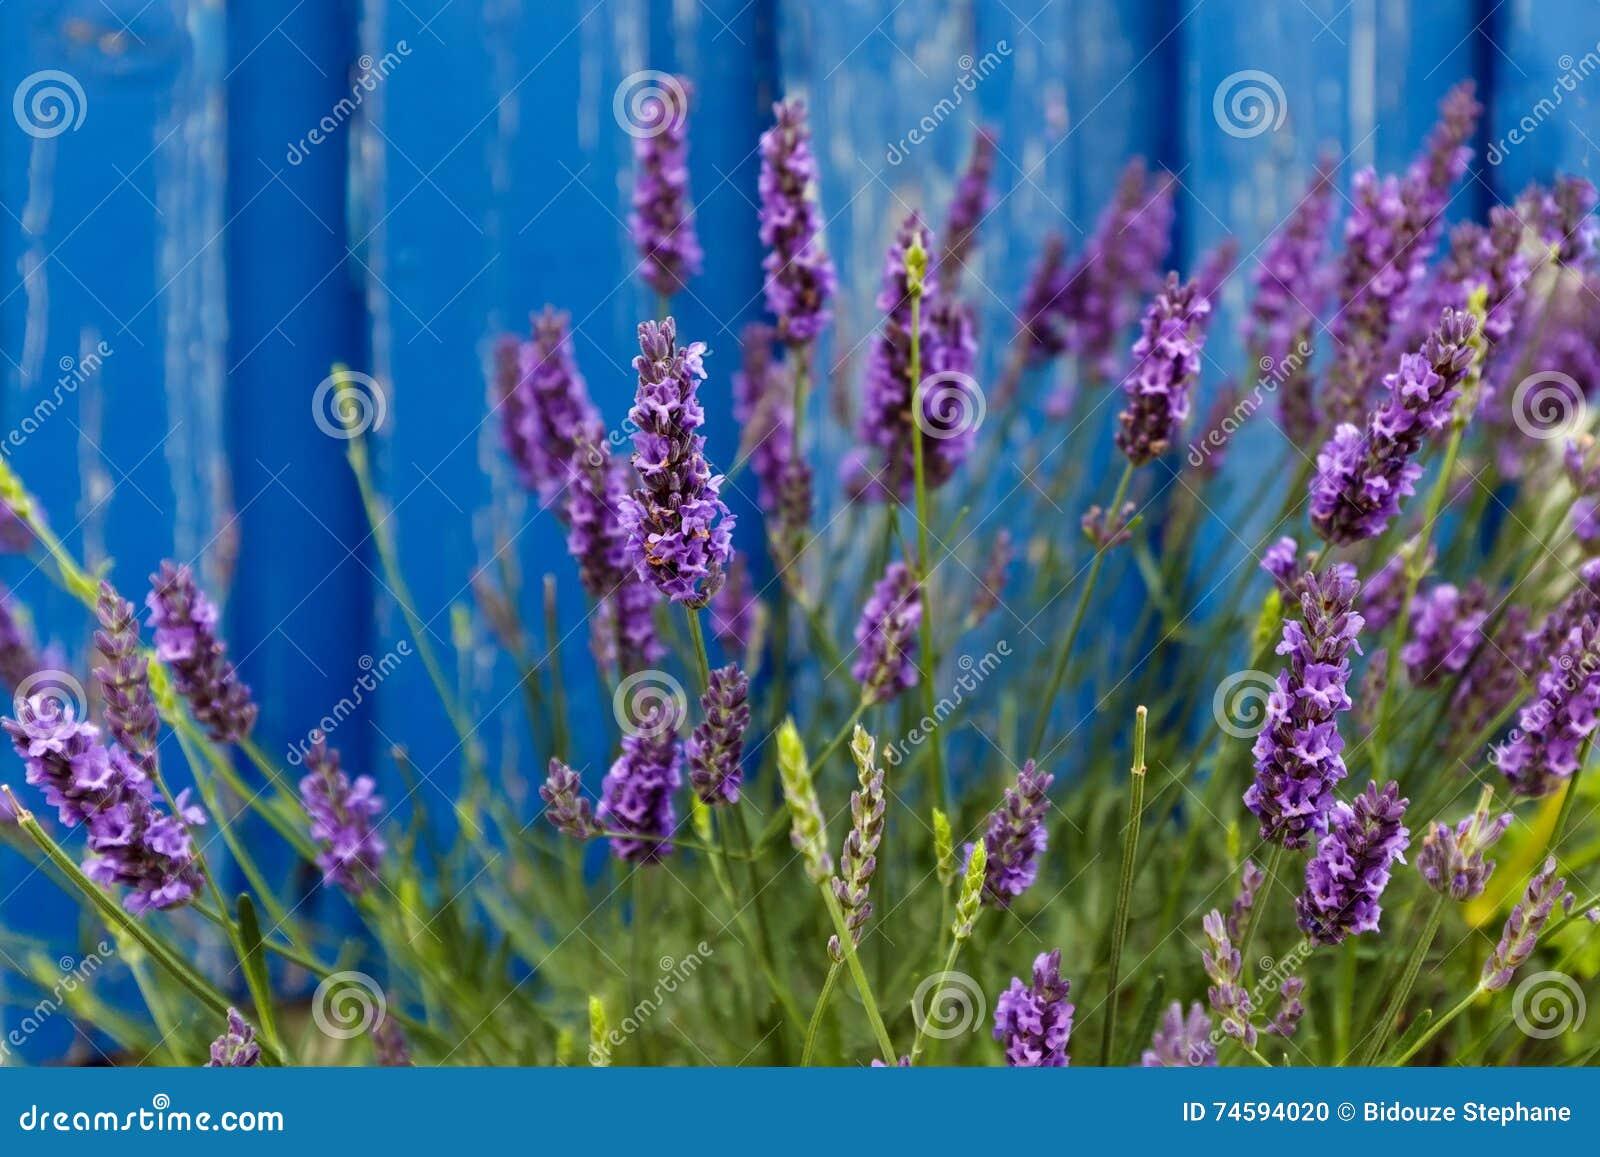 Fleur De Lavande Sous Le Mur Bleu Photo Stock Image Du